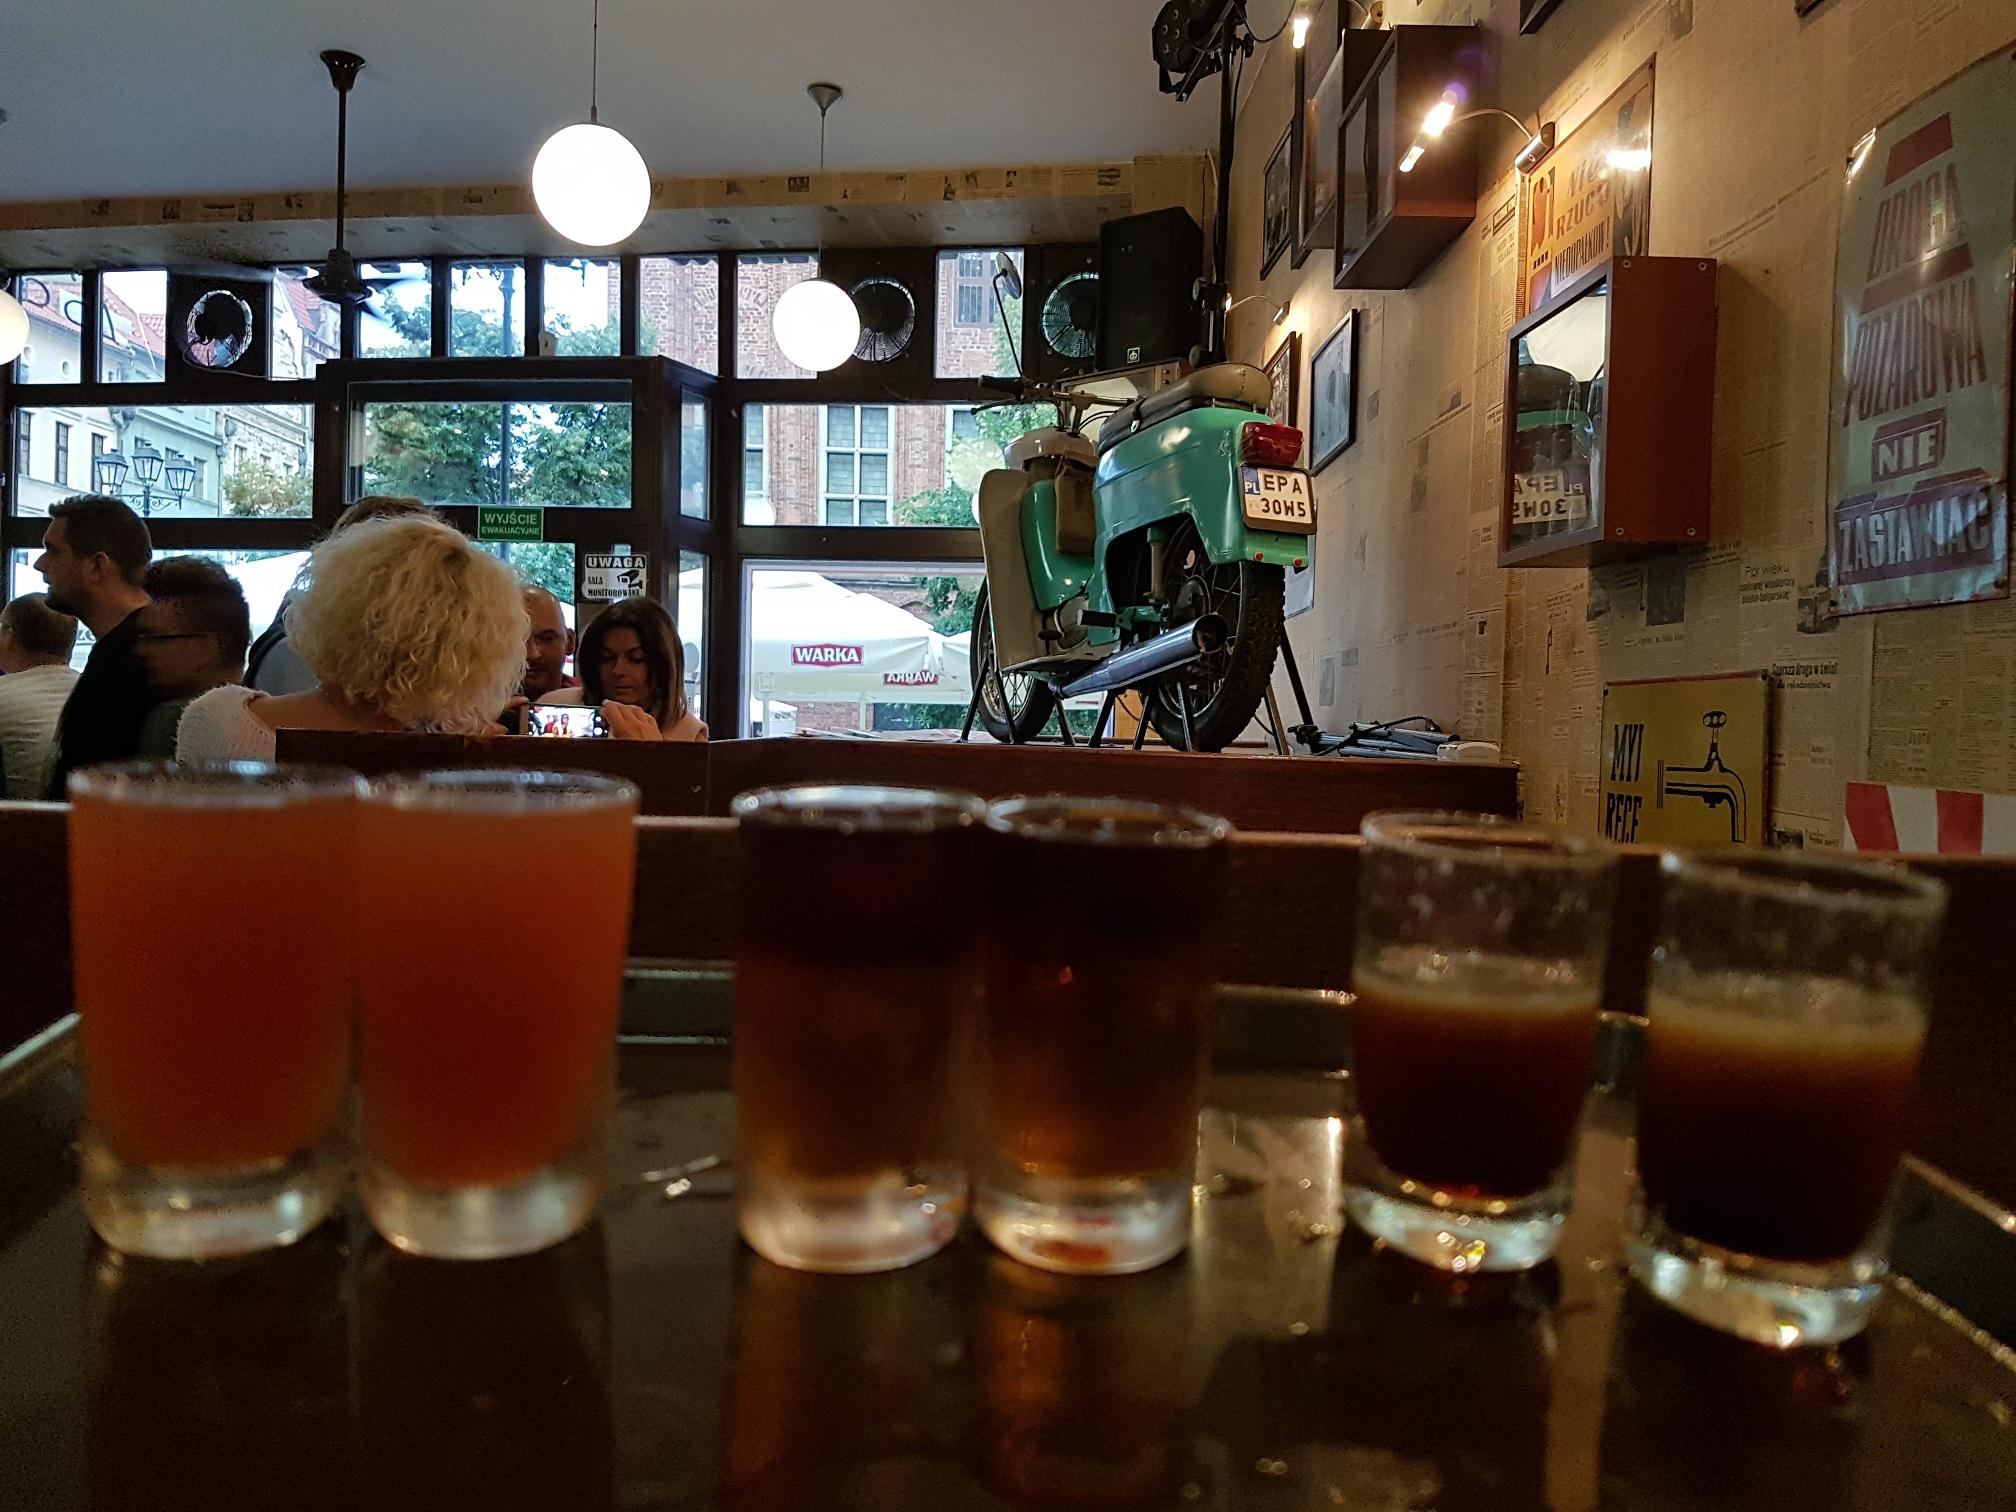 Pijalnia Wódki w Toruniu